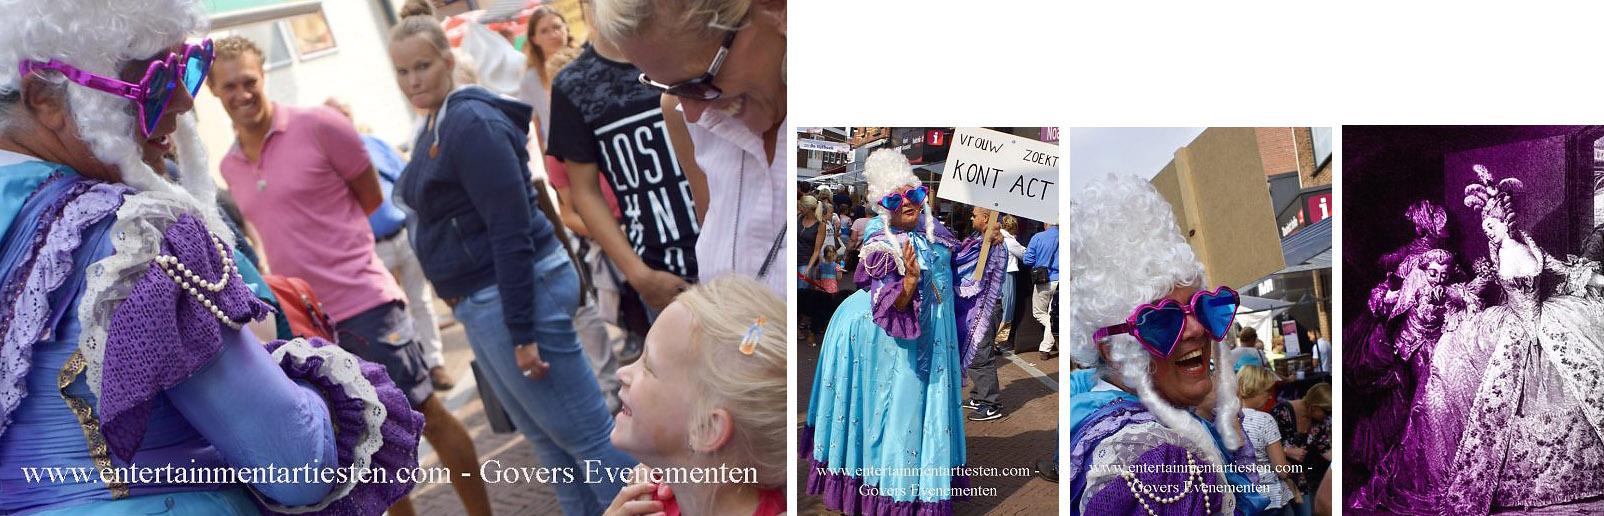 Rococo Marie Antoinette met haar kont act, artiest, humor en theater, Govers Evenementen, straattheater, themafeest, winkelcentrum act, acteur, artiesten boeken, www.govesartiesten.nl